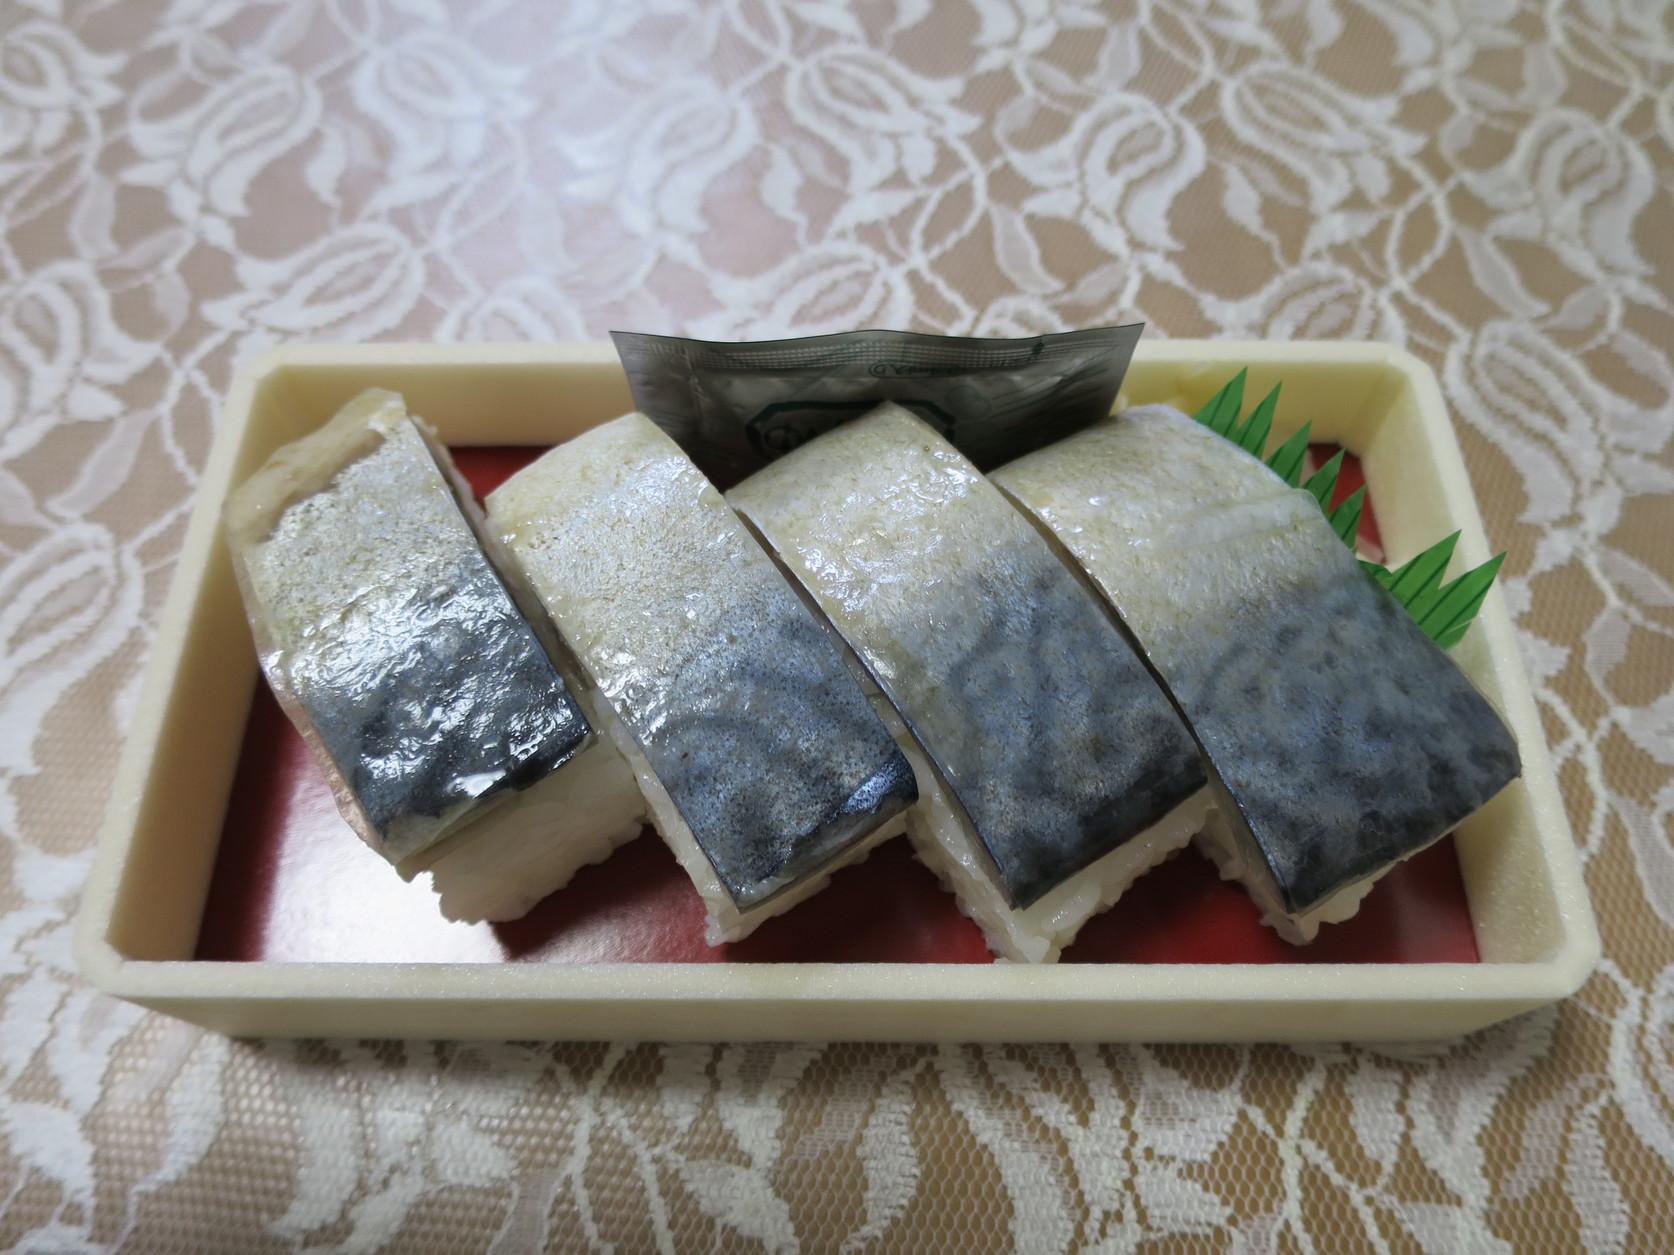 京樽 トツカーナモール店